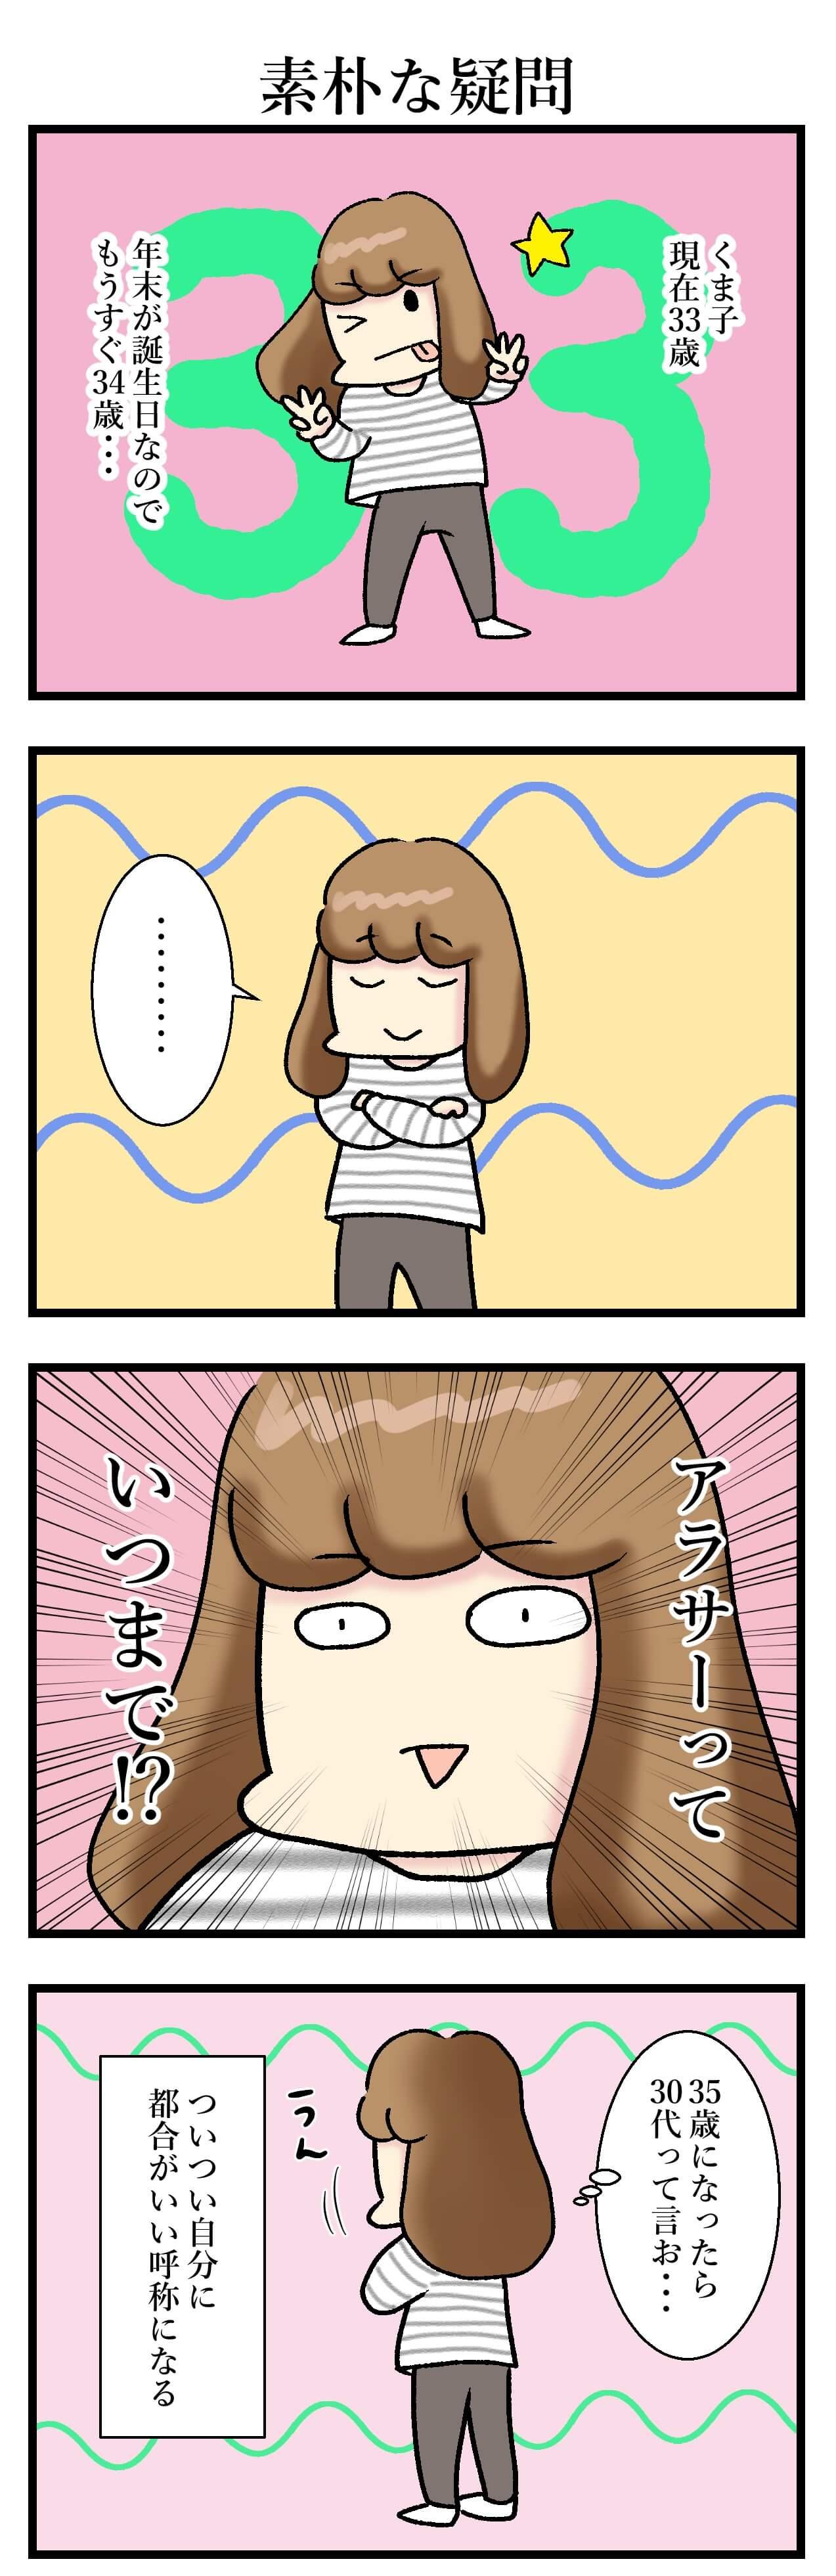 【エッセイ漫画】アラサー主婦くま子のふがいない日常(76)